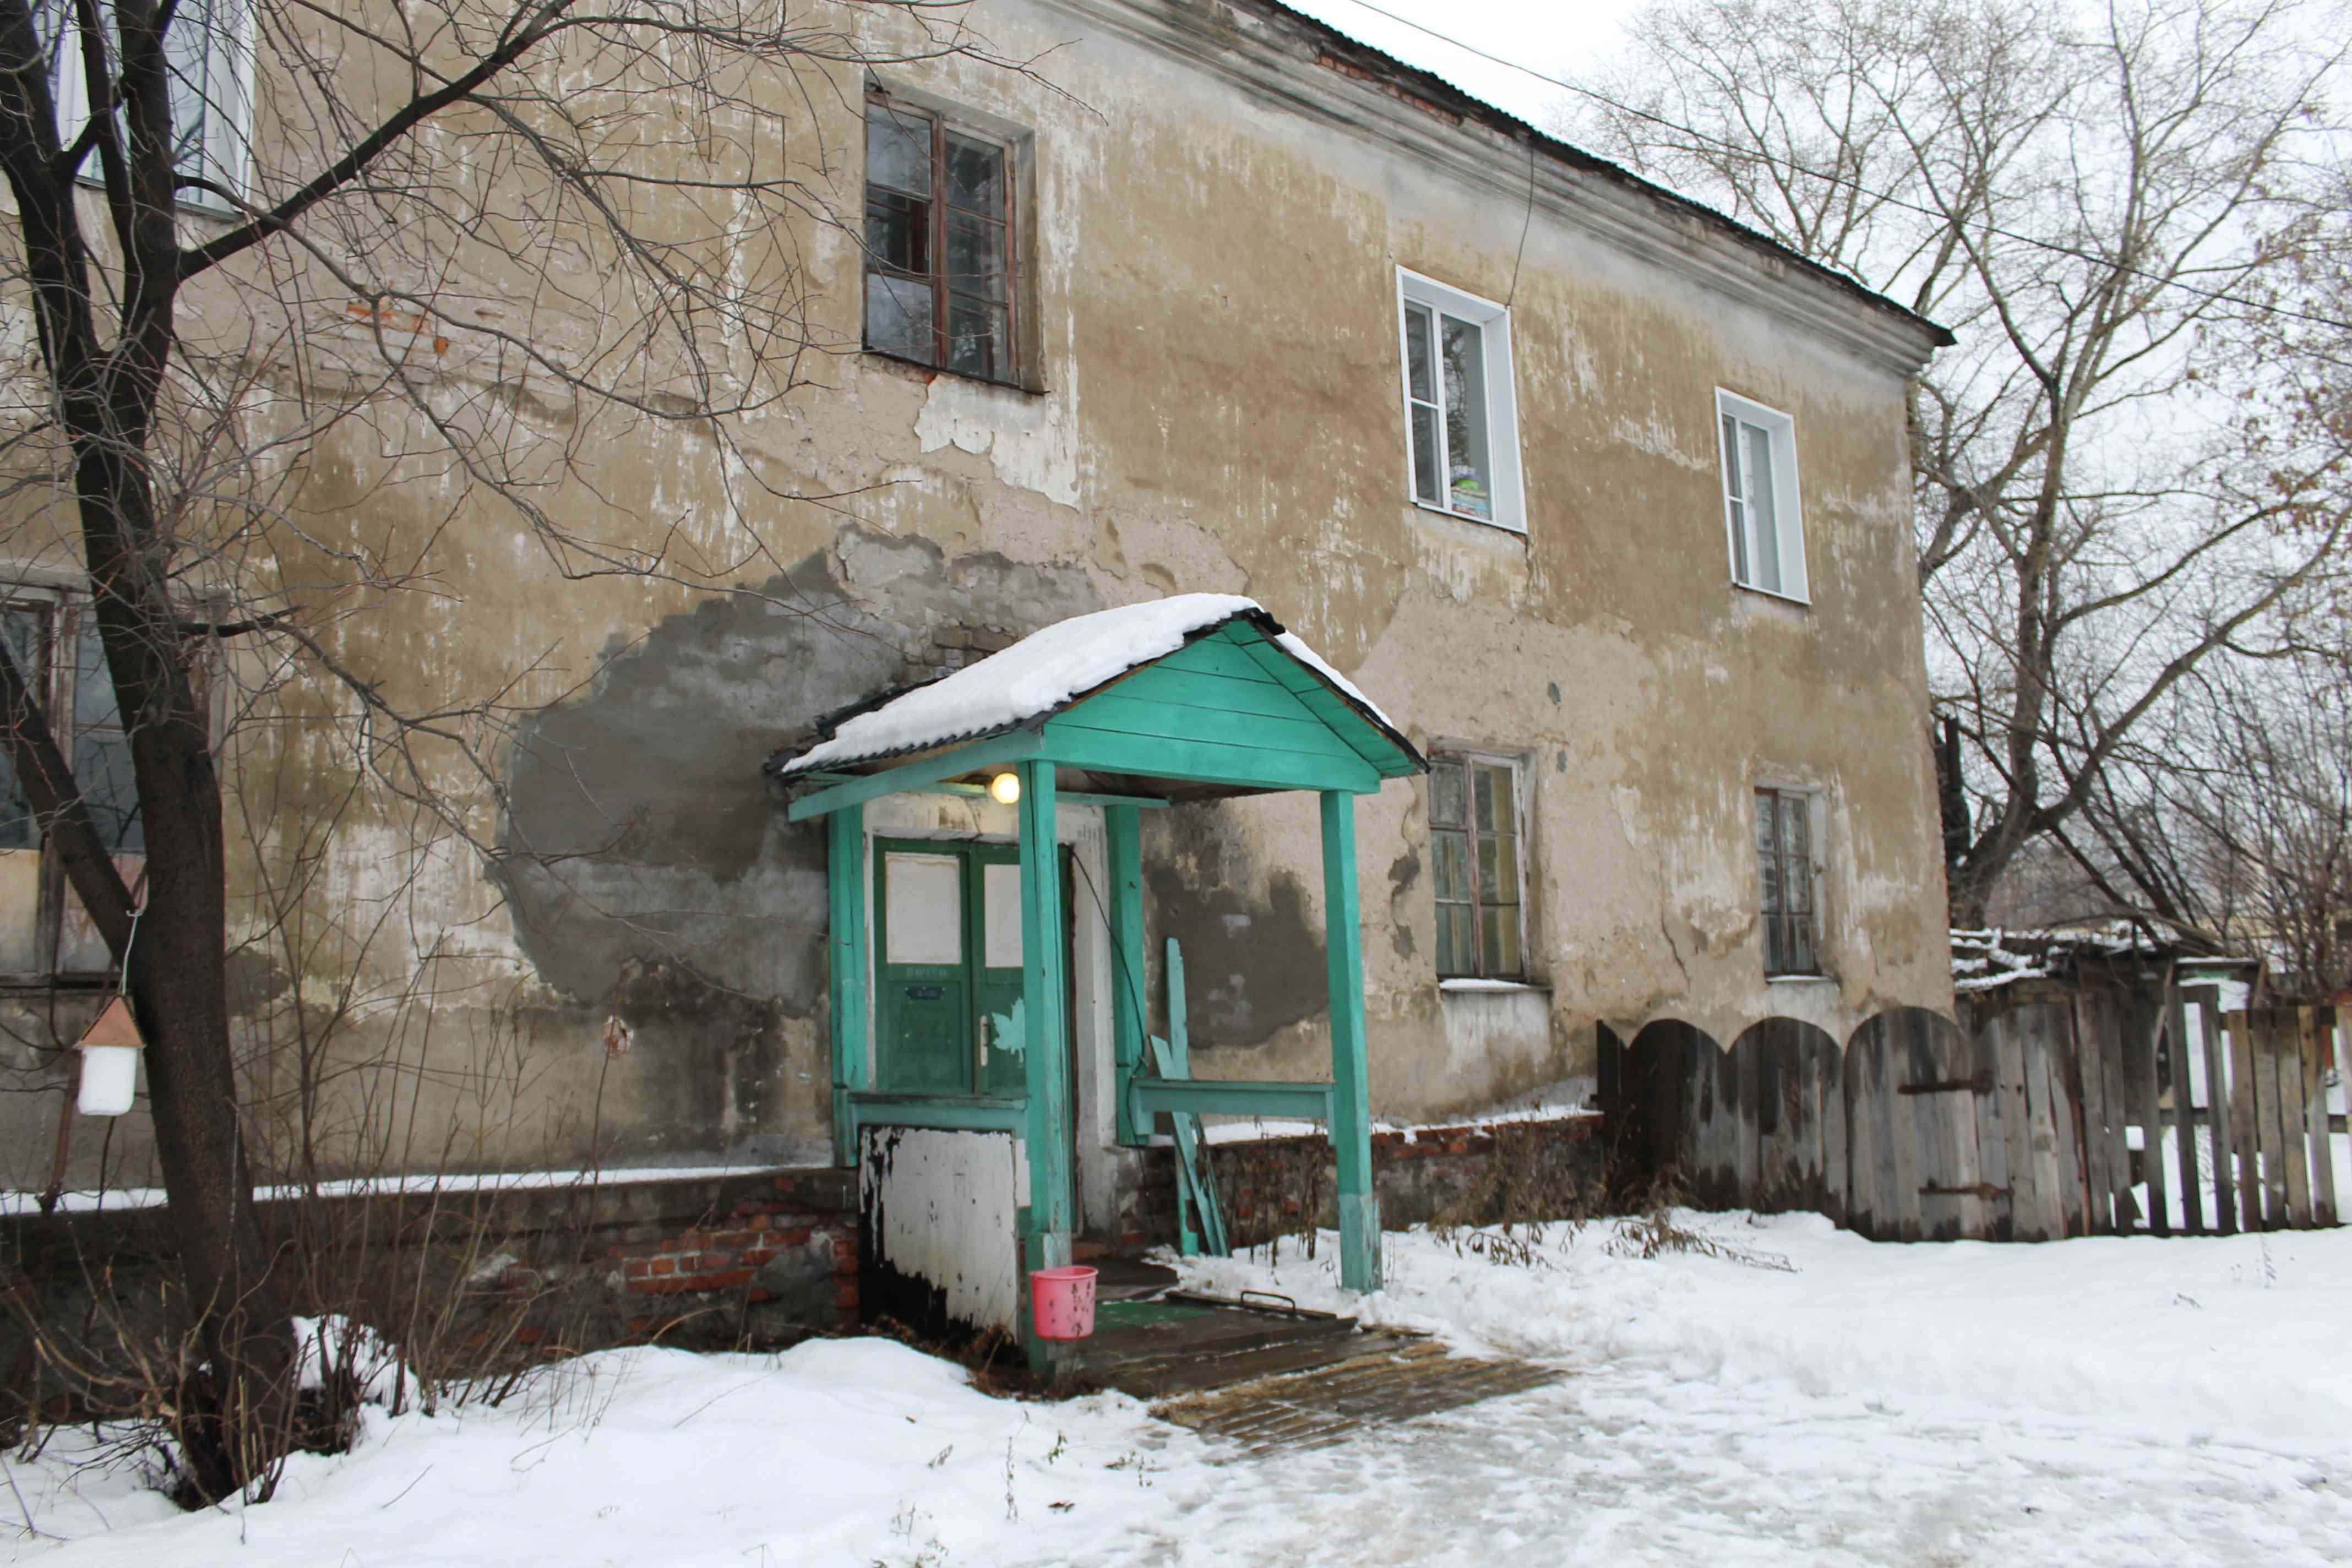 Семье пенсионеров из Кирова выплатили компенсацию за аварийное жилье